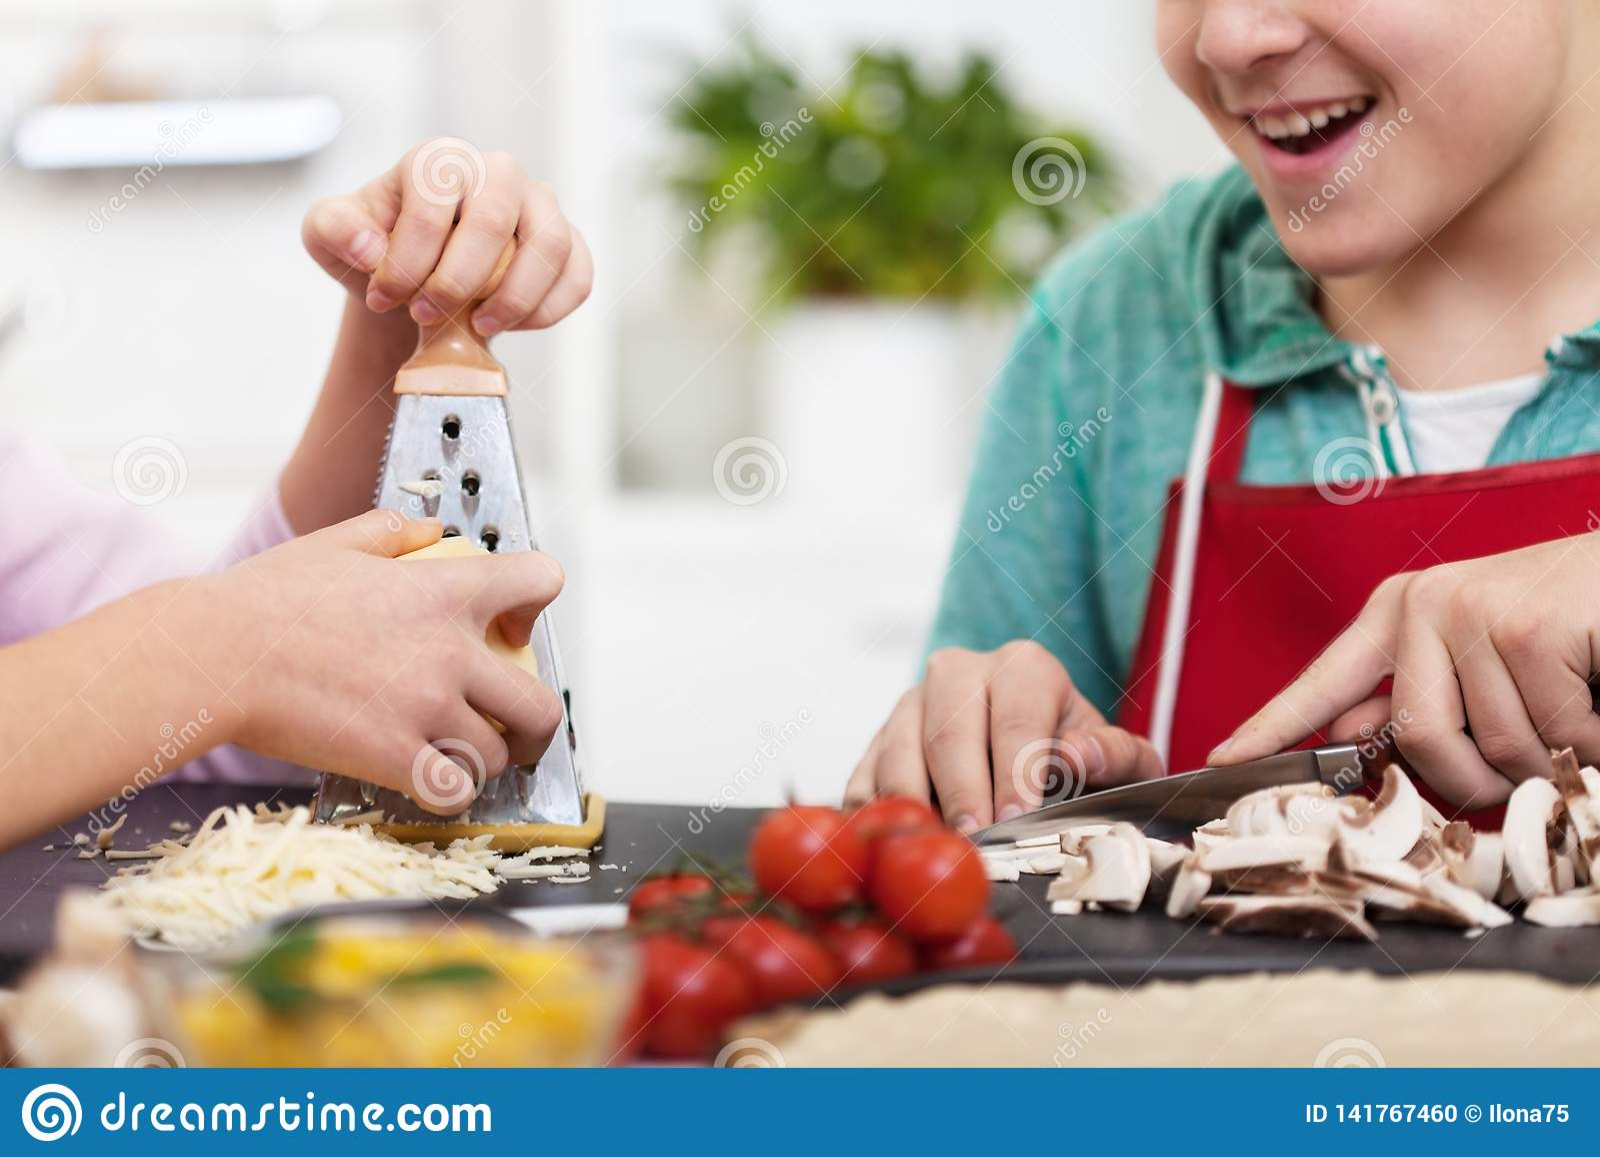 年轻少年手在接近的厨房里准备一比萨-